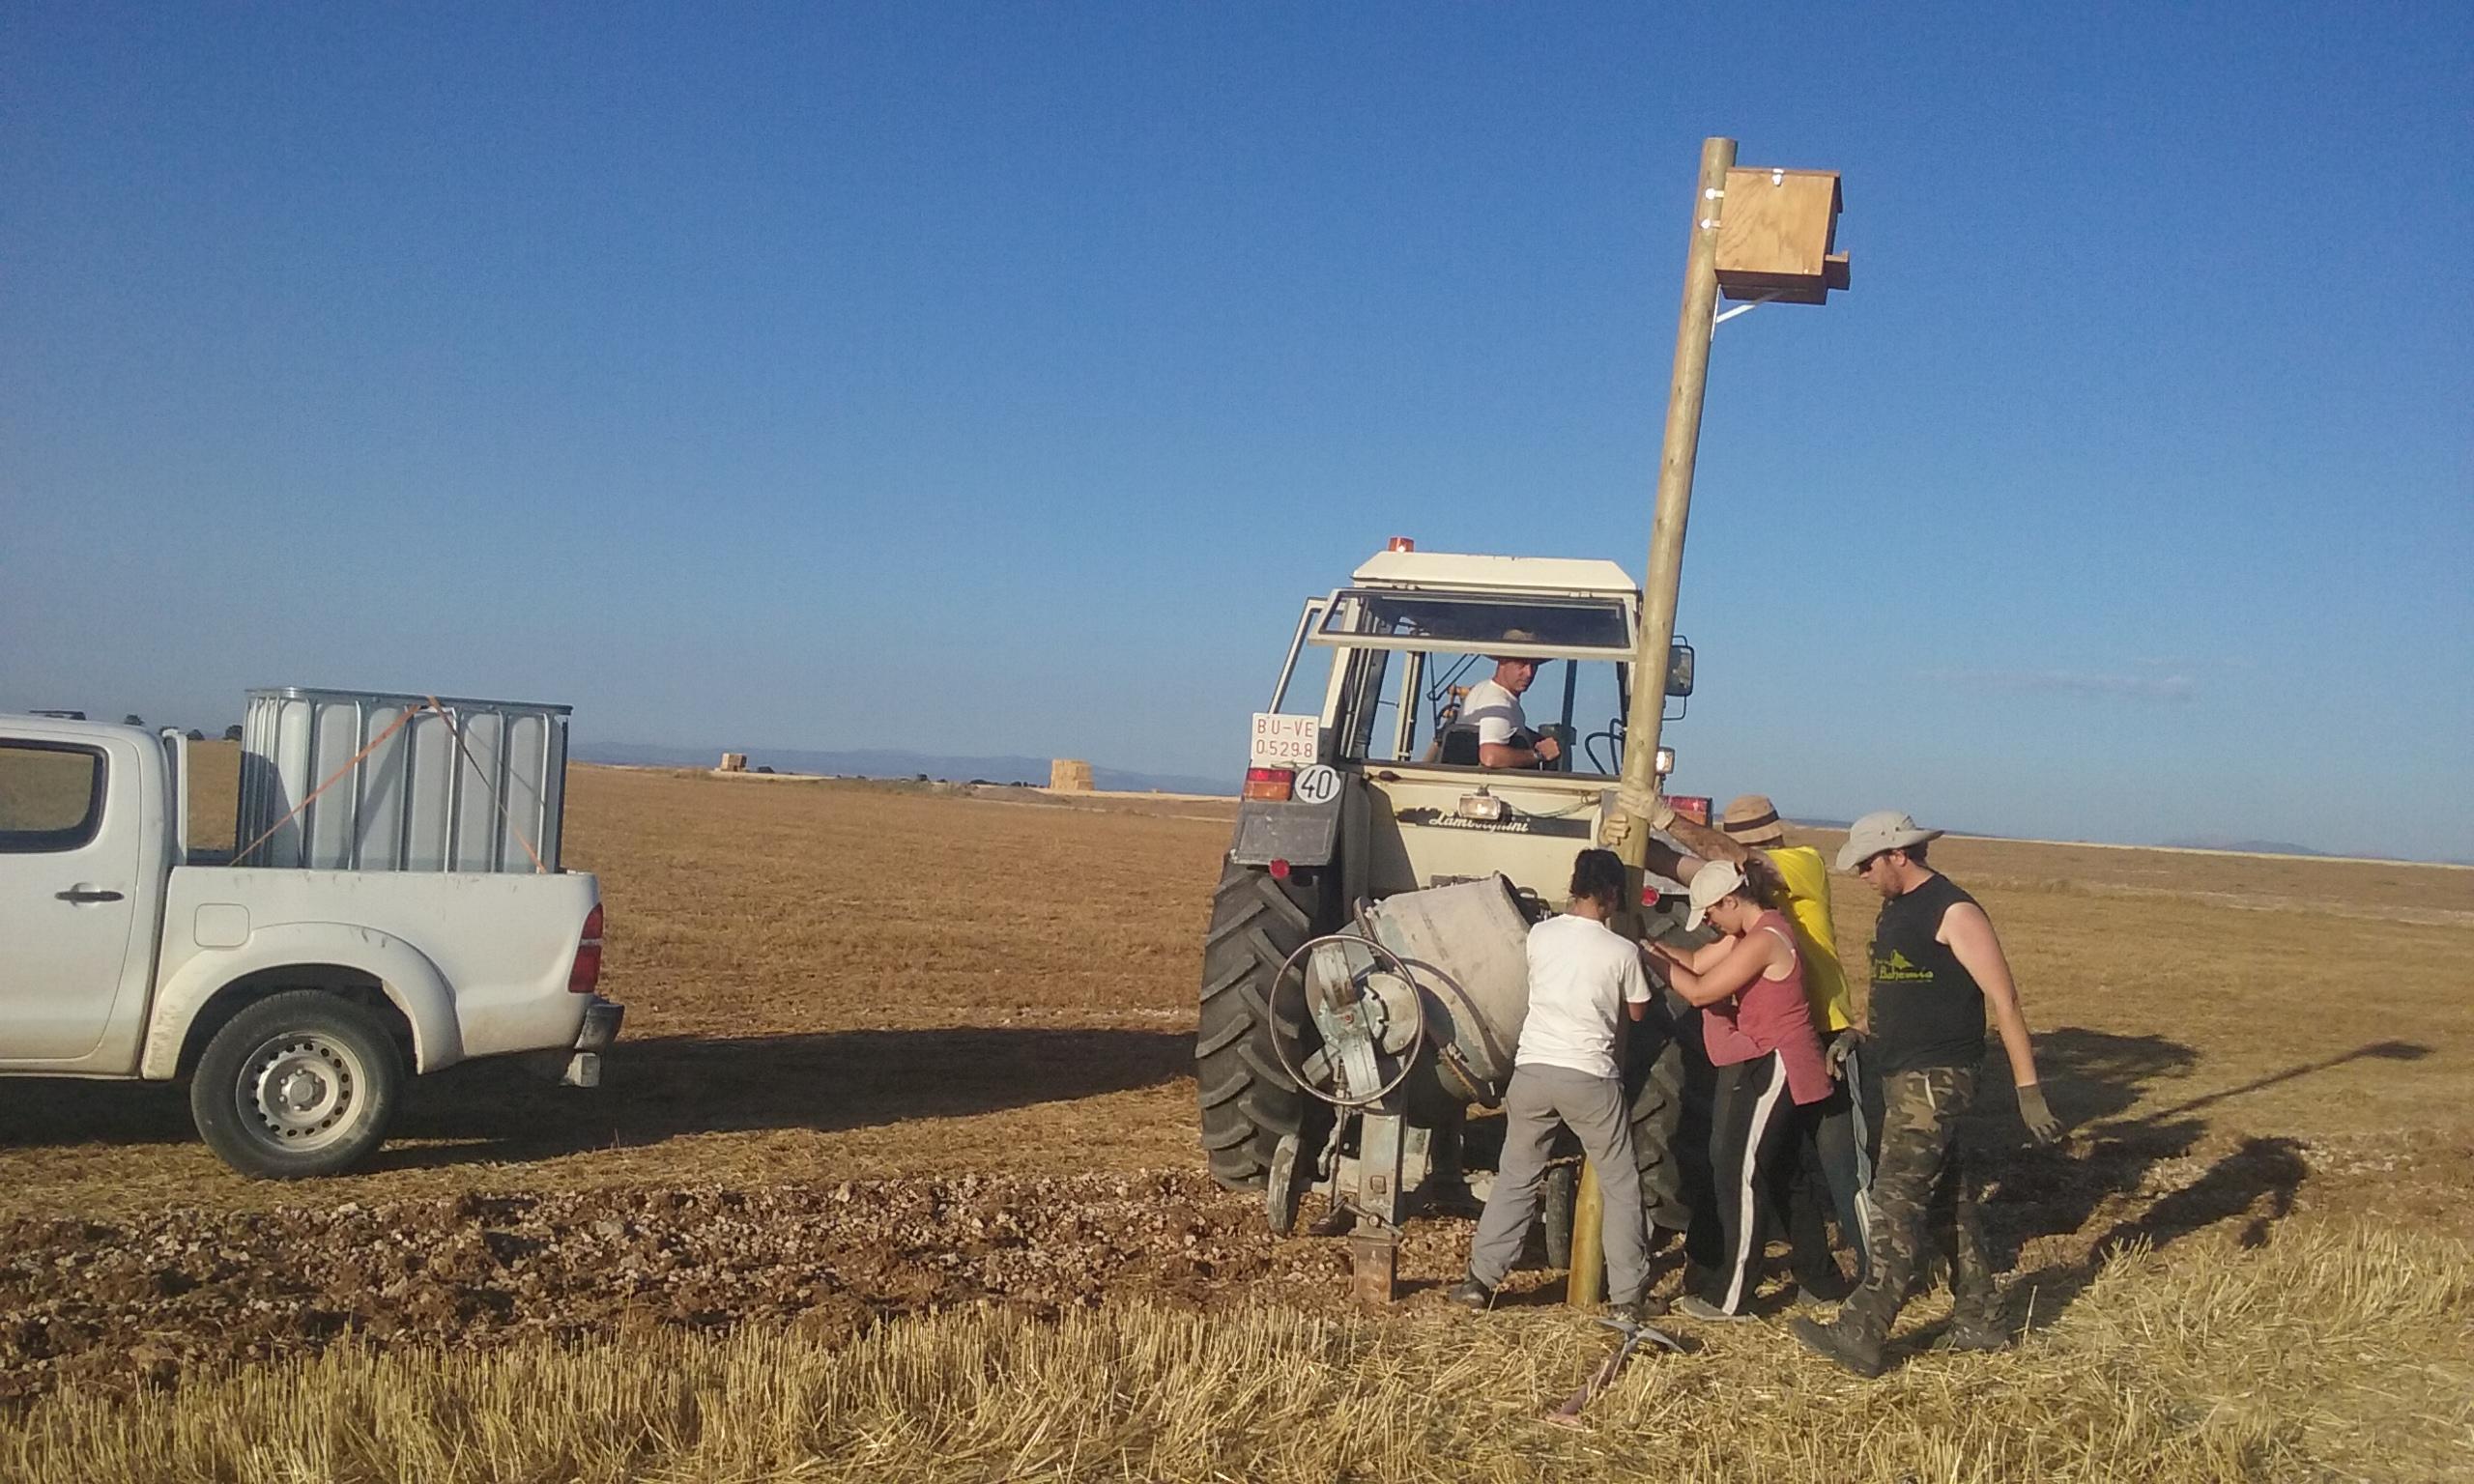 Vecinos de Villafruela (Burgos) y voluntarios instalan una caja nido para rapaces depredadoras de topillo. Imagen: Grefa